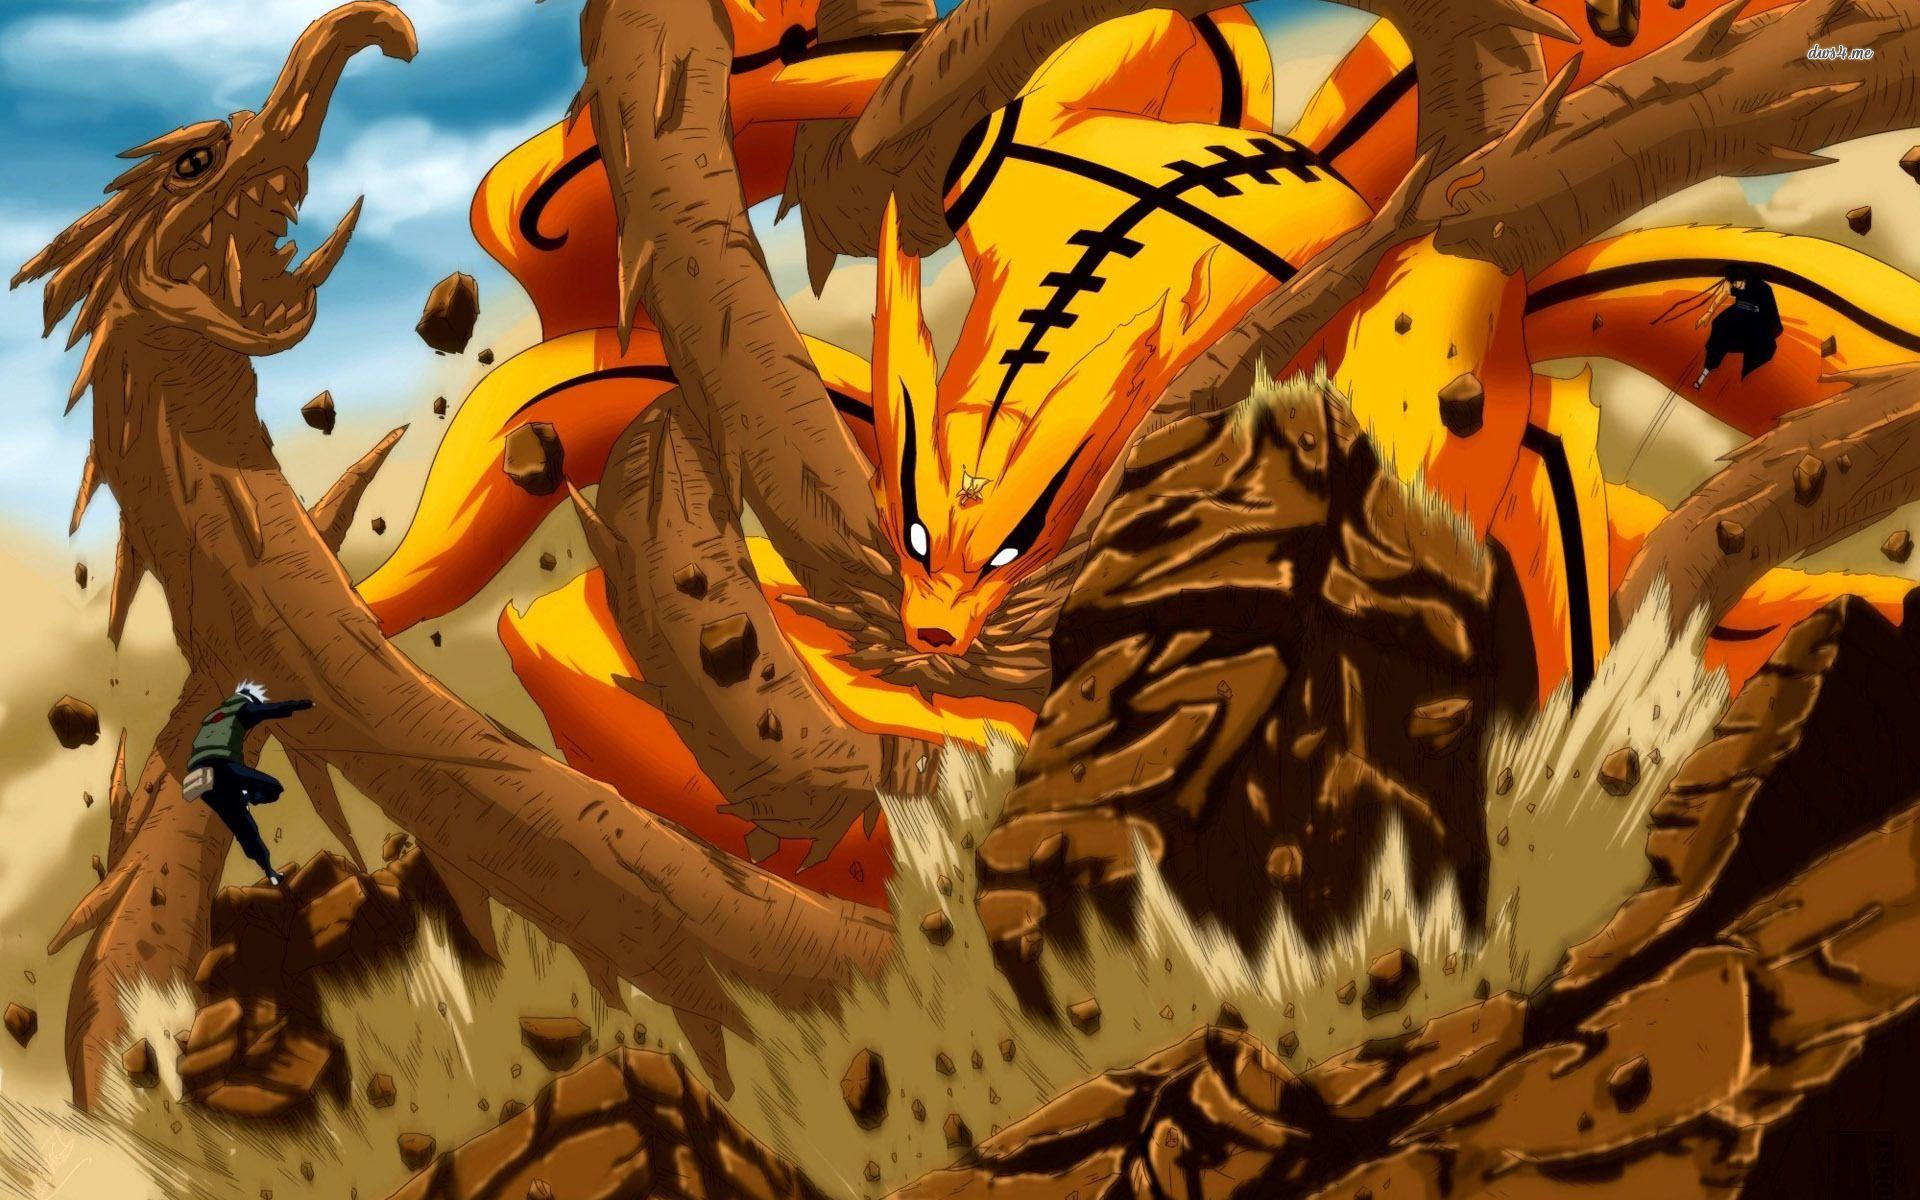 Kyuubi Wallpaper Naruto Shippuden Naruto Wallpaper Naruto Shippuden